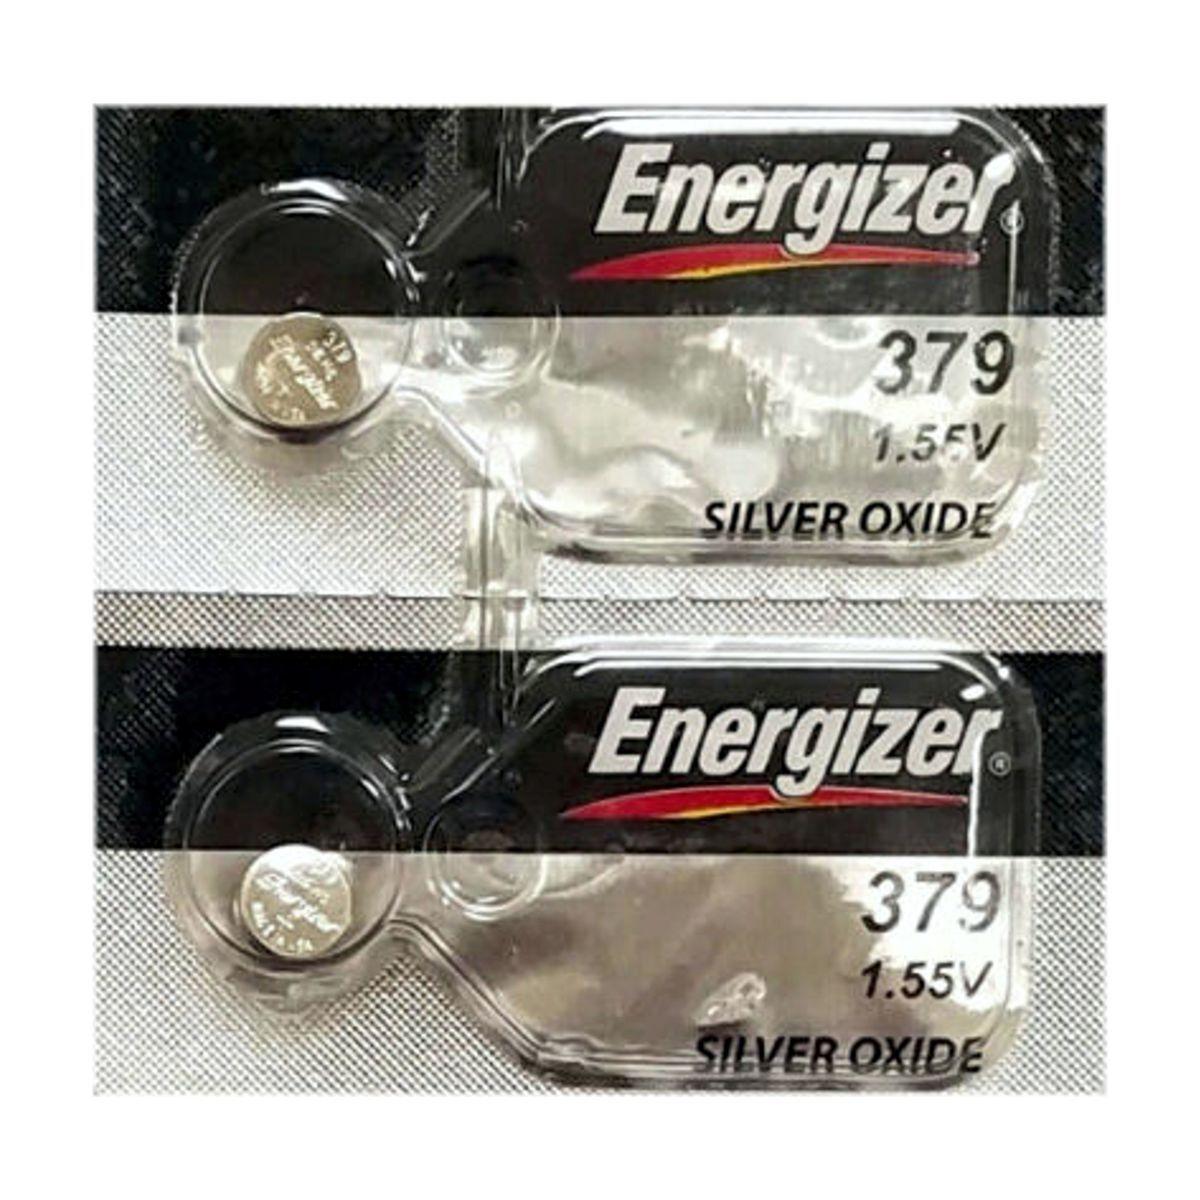 2 ENERGIZER 379 SR521SW SR521 V379 SILVER OXIDE watch battery